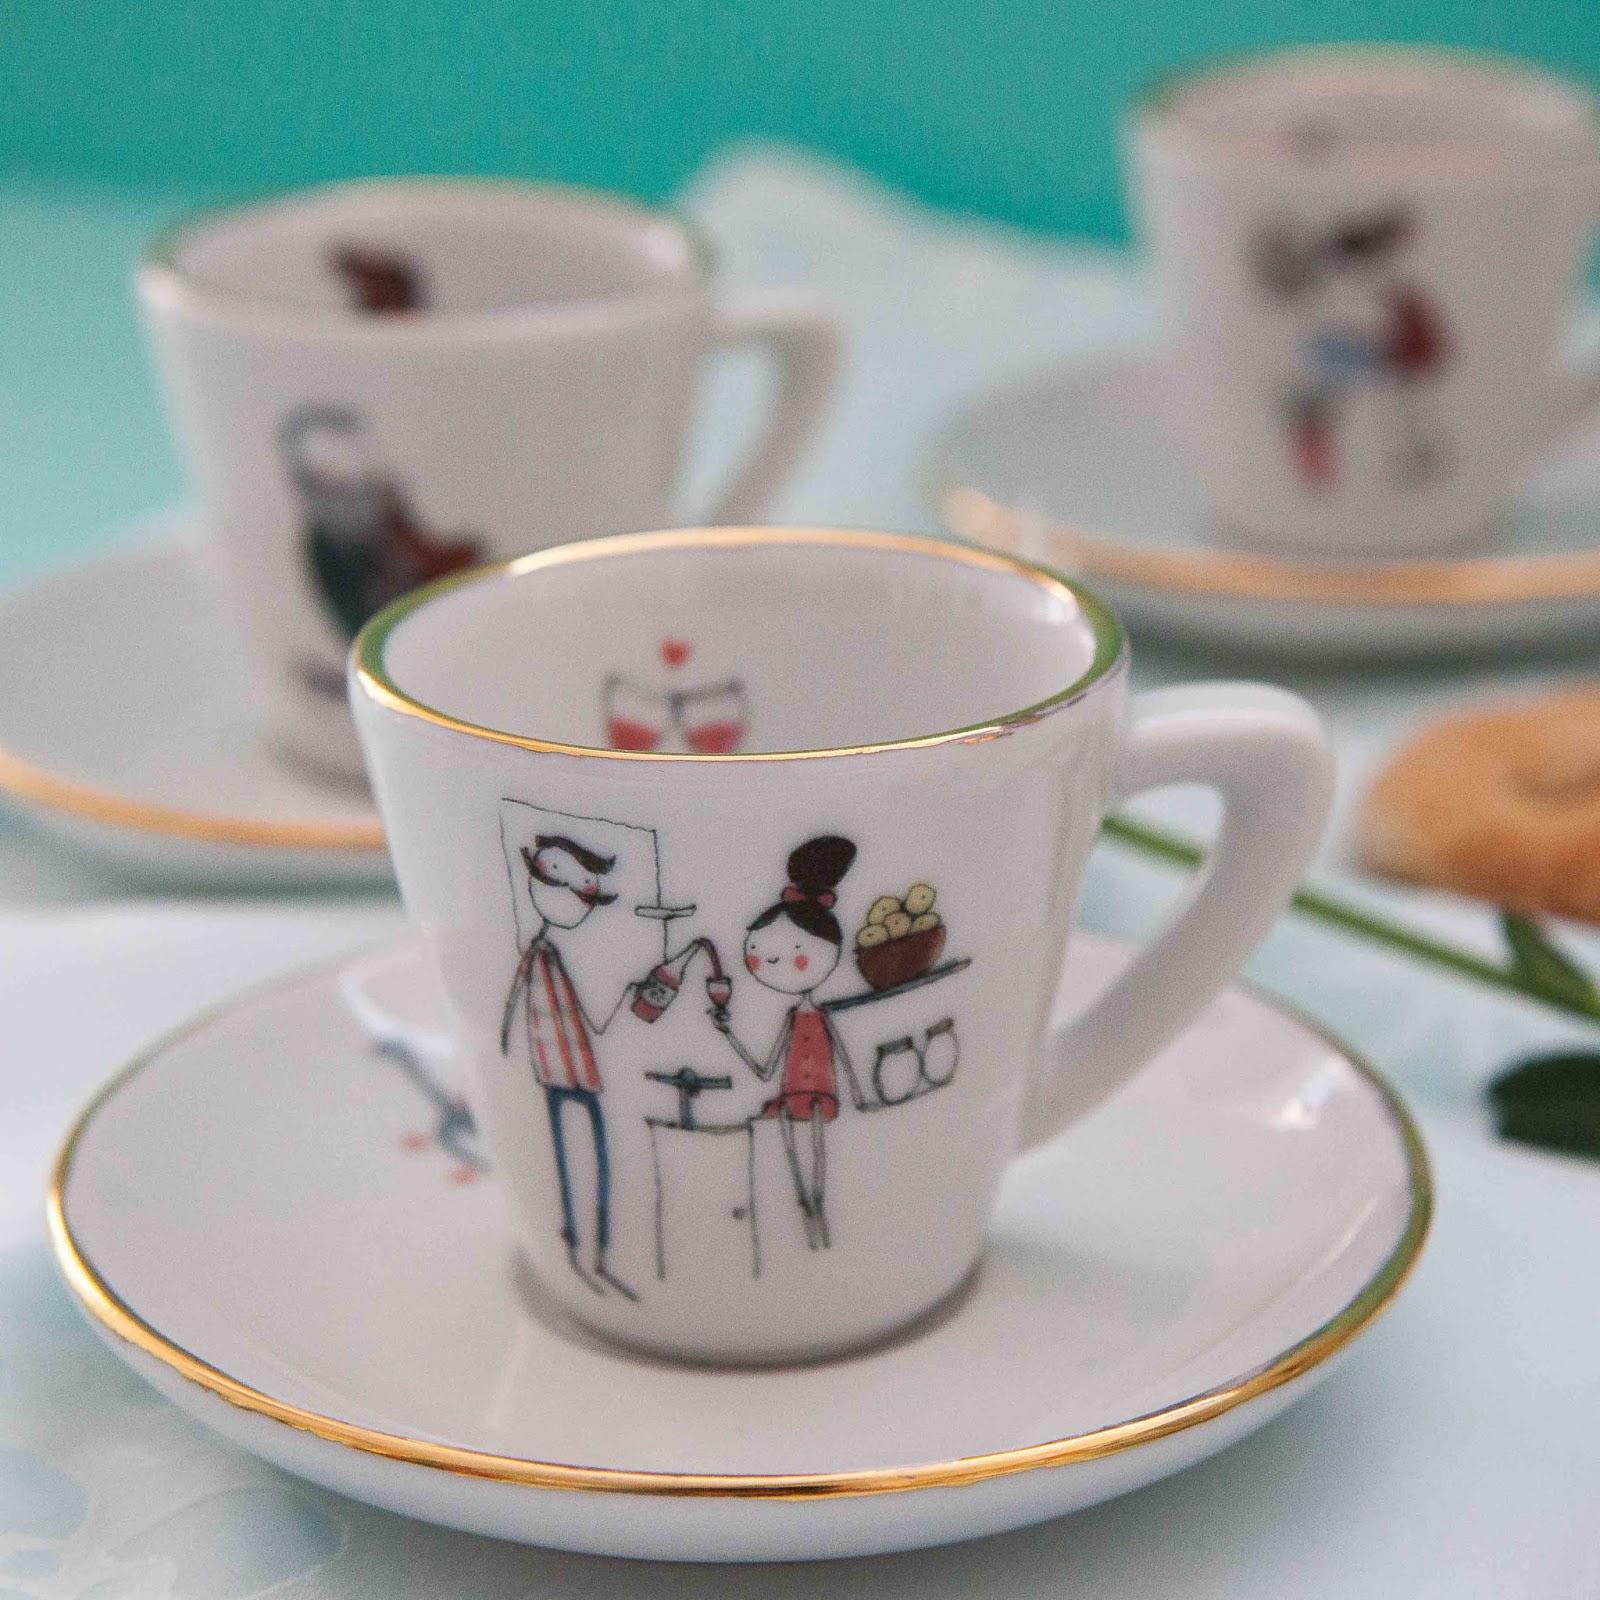 De tacones y bolsos tazas y juego de caf de manitas de plata for Juego tazas cafe